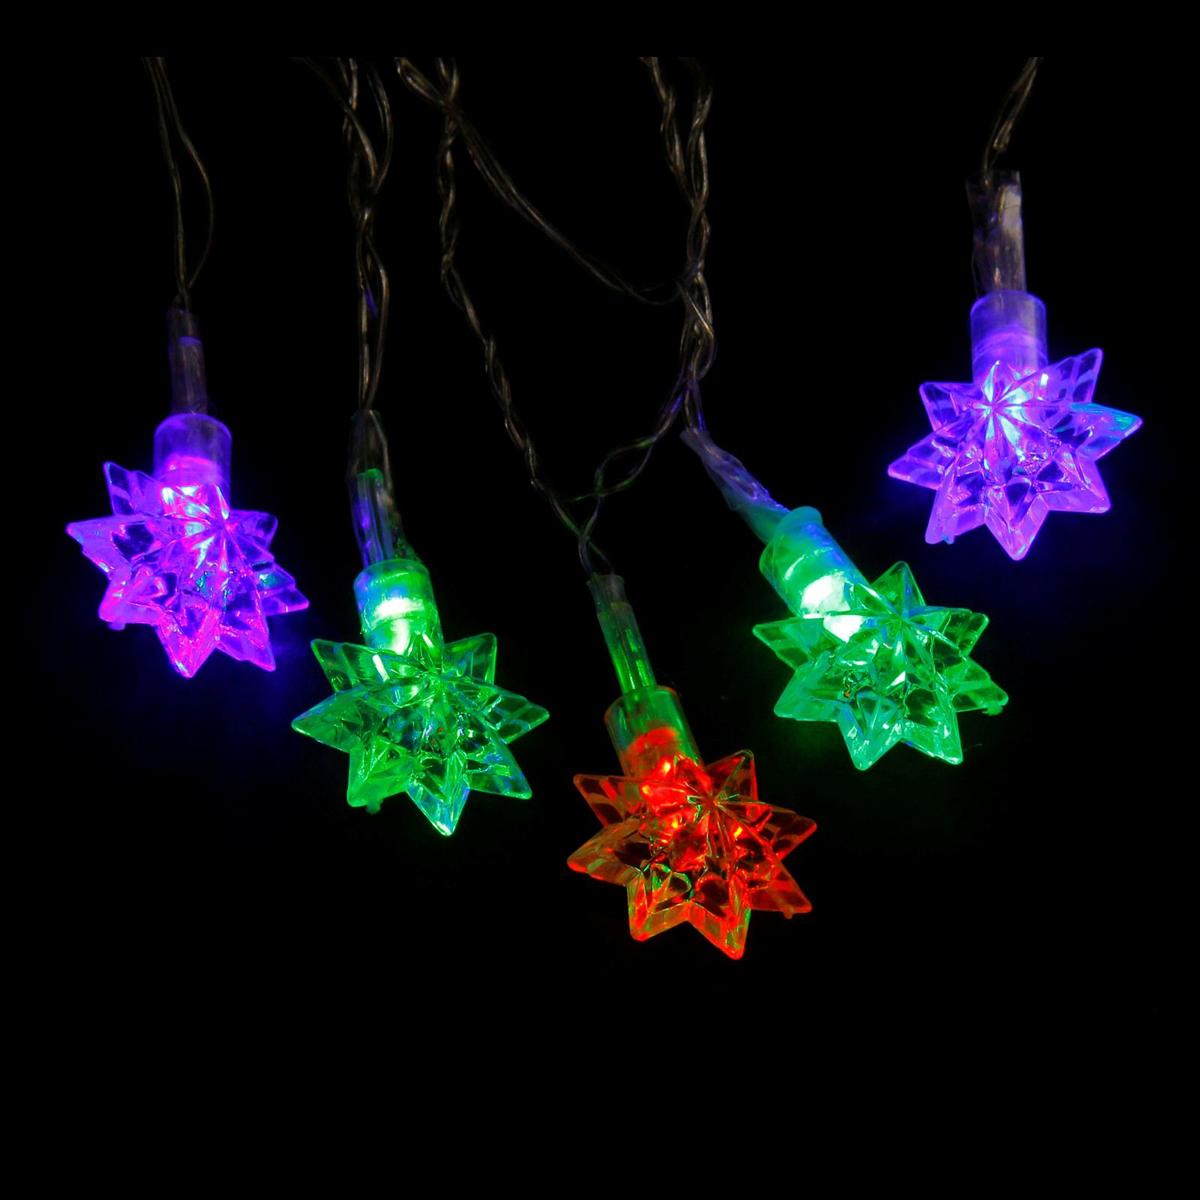 Гирлянда светодиодная Luazon Метраж. Звездочки, с насадкой, моргает, 20 ламп, 220 V, 5 м, цвет: мультиколор. 703320883972Светодиодные гирлянды, ленты и т.д. — это отличный вариант для новогоднего оформления интерьера или фасада. С их помощью помещение любого размера можно превратить в праздничный зал, а внешние элементы зданий, украшенные ими, мгновенно станут напоминать очертания сказочного дворца. Такие украшения создают ауру предвкушения чуда. Деревья, фасады, витрины, окна и арки будто специально созданы, чтобы вы украсили их светящимися нитями.